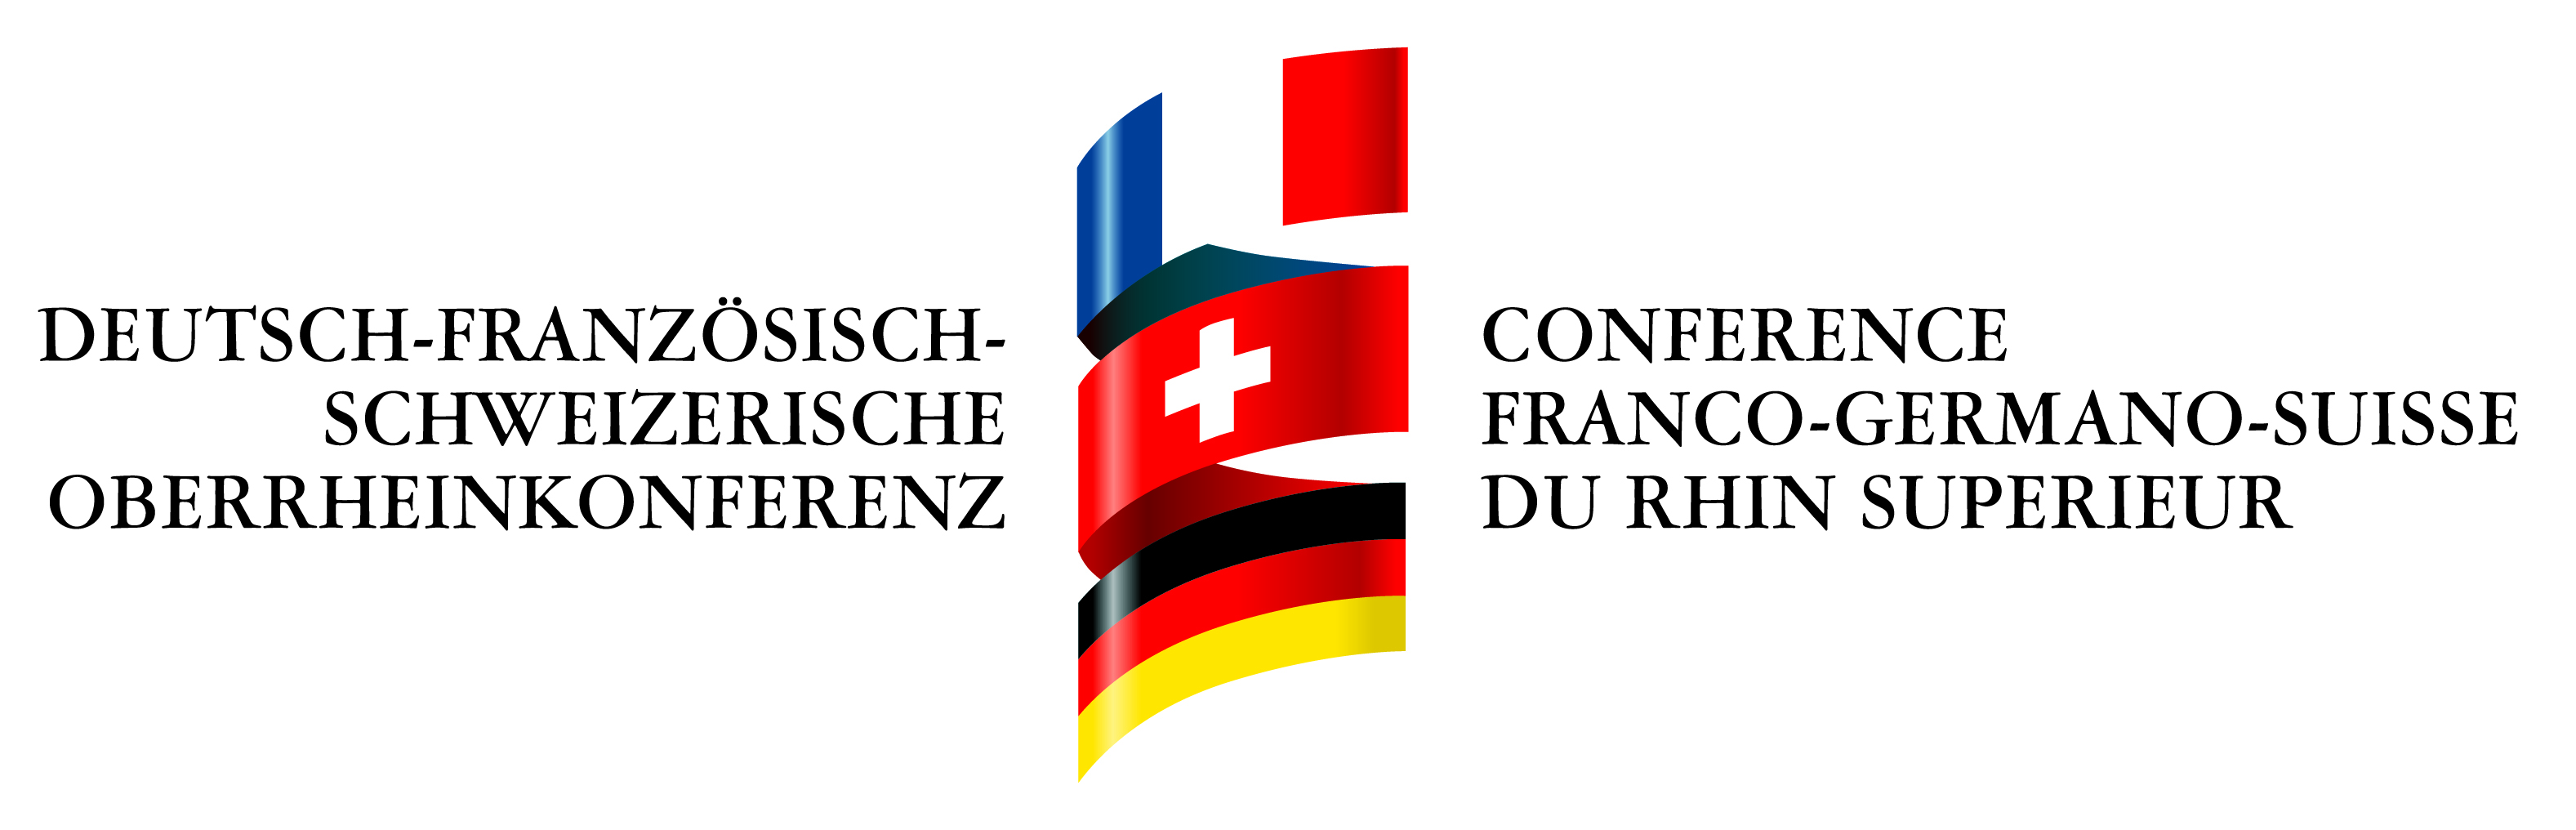 Oberrheinkonferenz